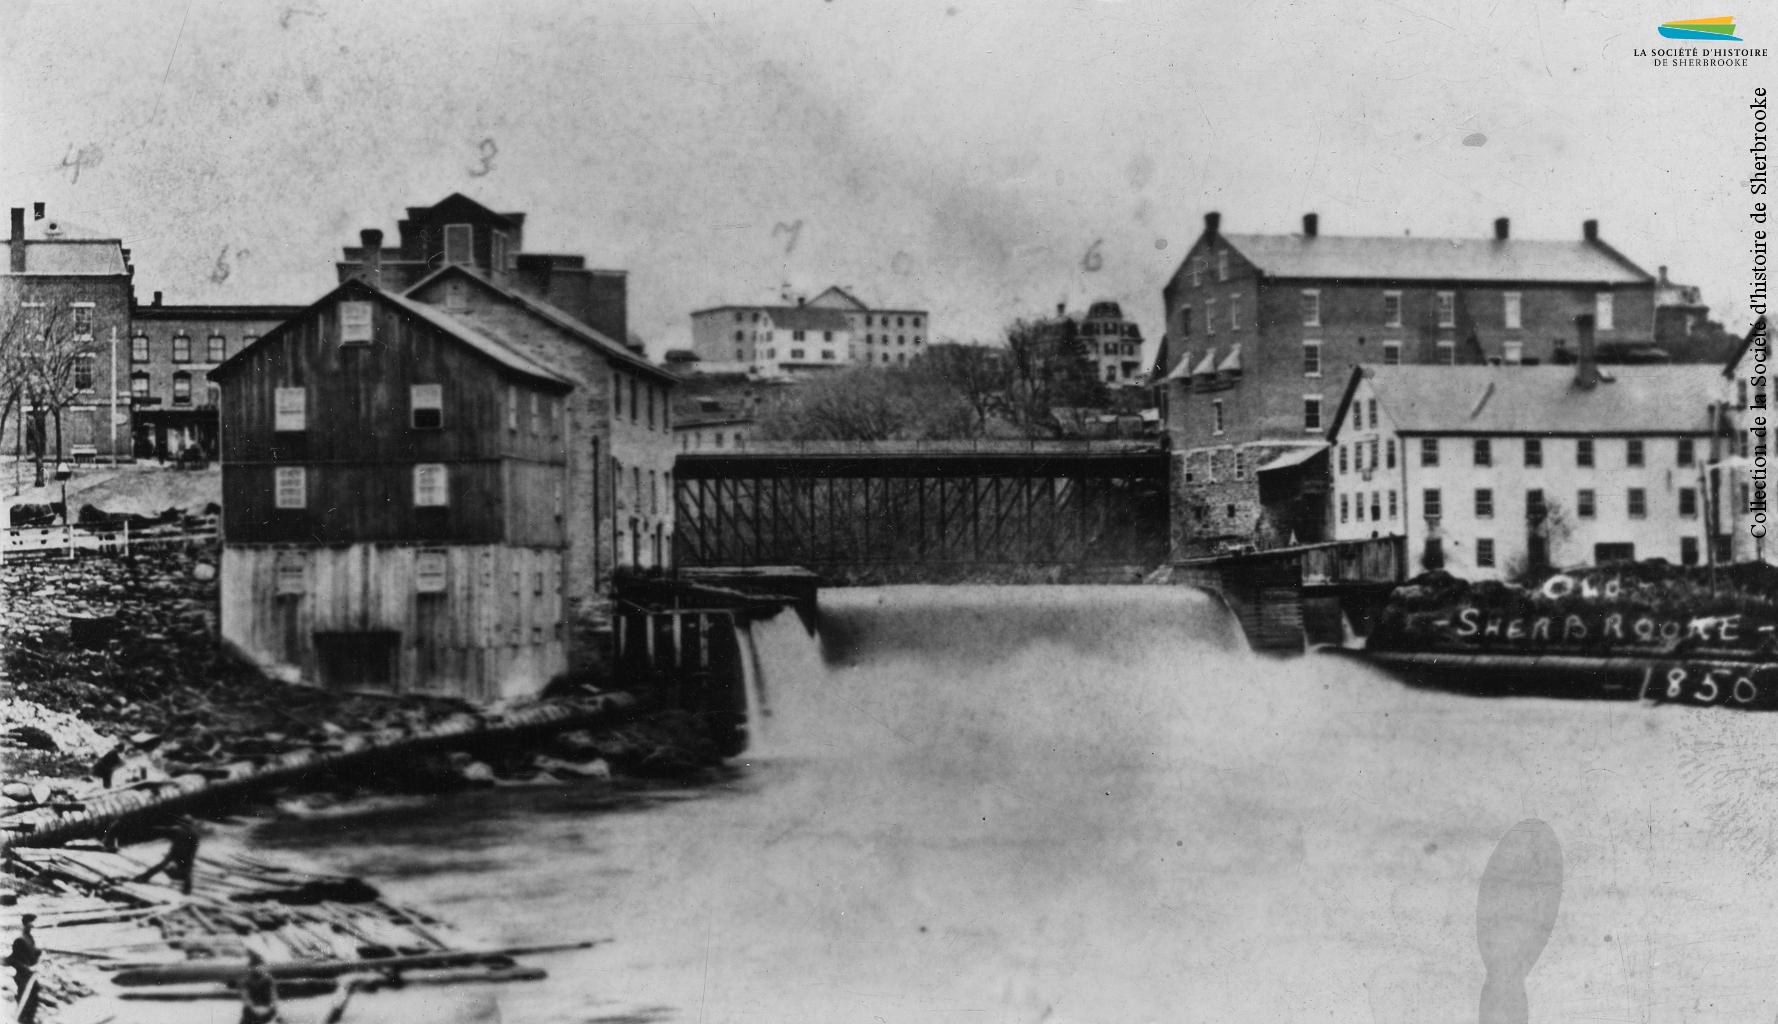 Le barrage no 5 et le confluent des rivières Magog et Saint-François, vers 1885. Le barrage alimente en eau les moulins logés dans les bâtiments situés sur les deux rives. L'eau est alors la principale source d'énergie pour les manufactures de la ville, ce pour quoi celles-ci sont concentrées le long de la rivière Magog.